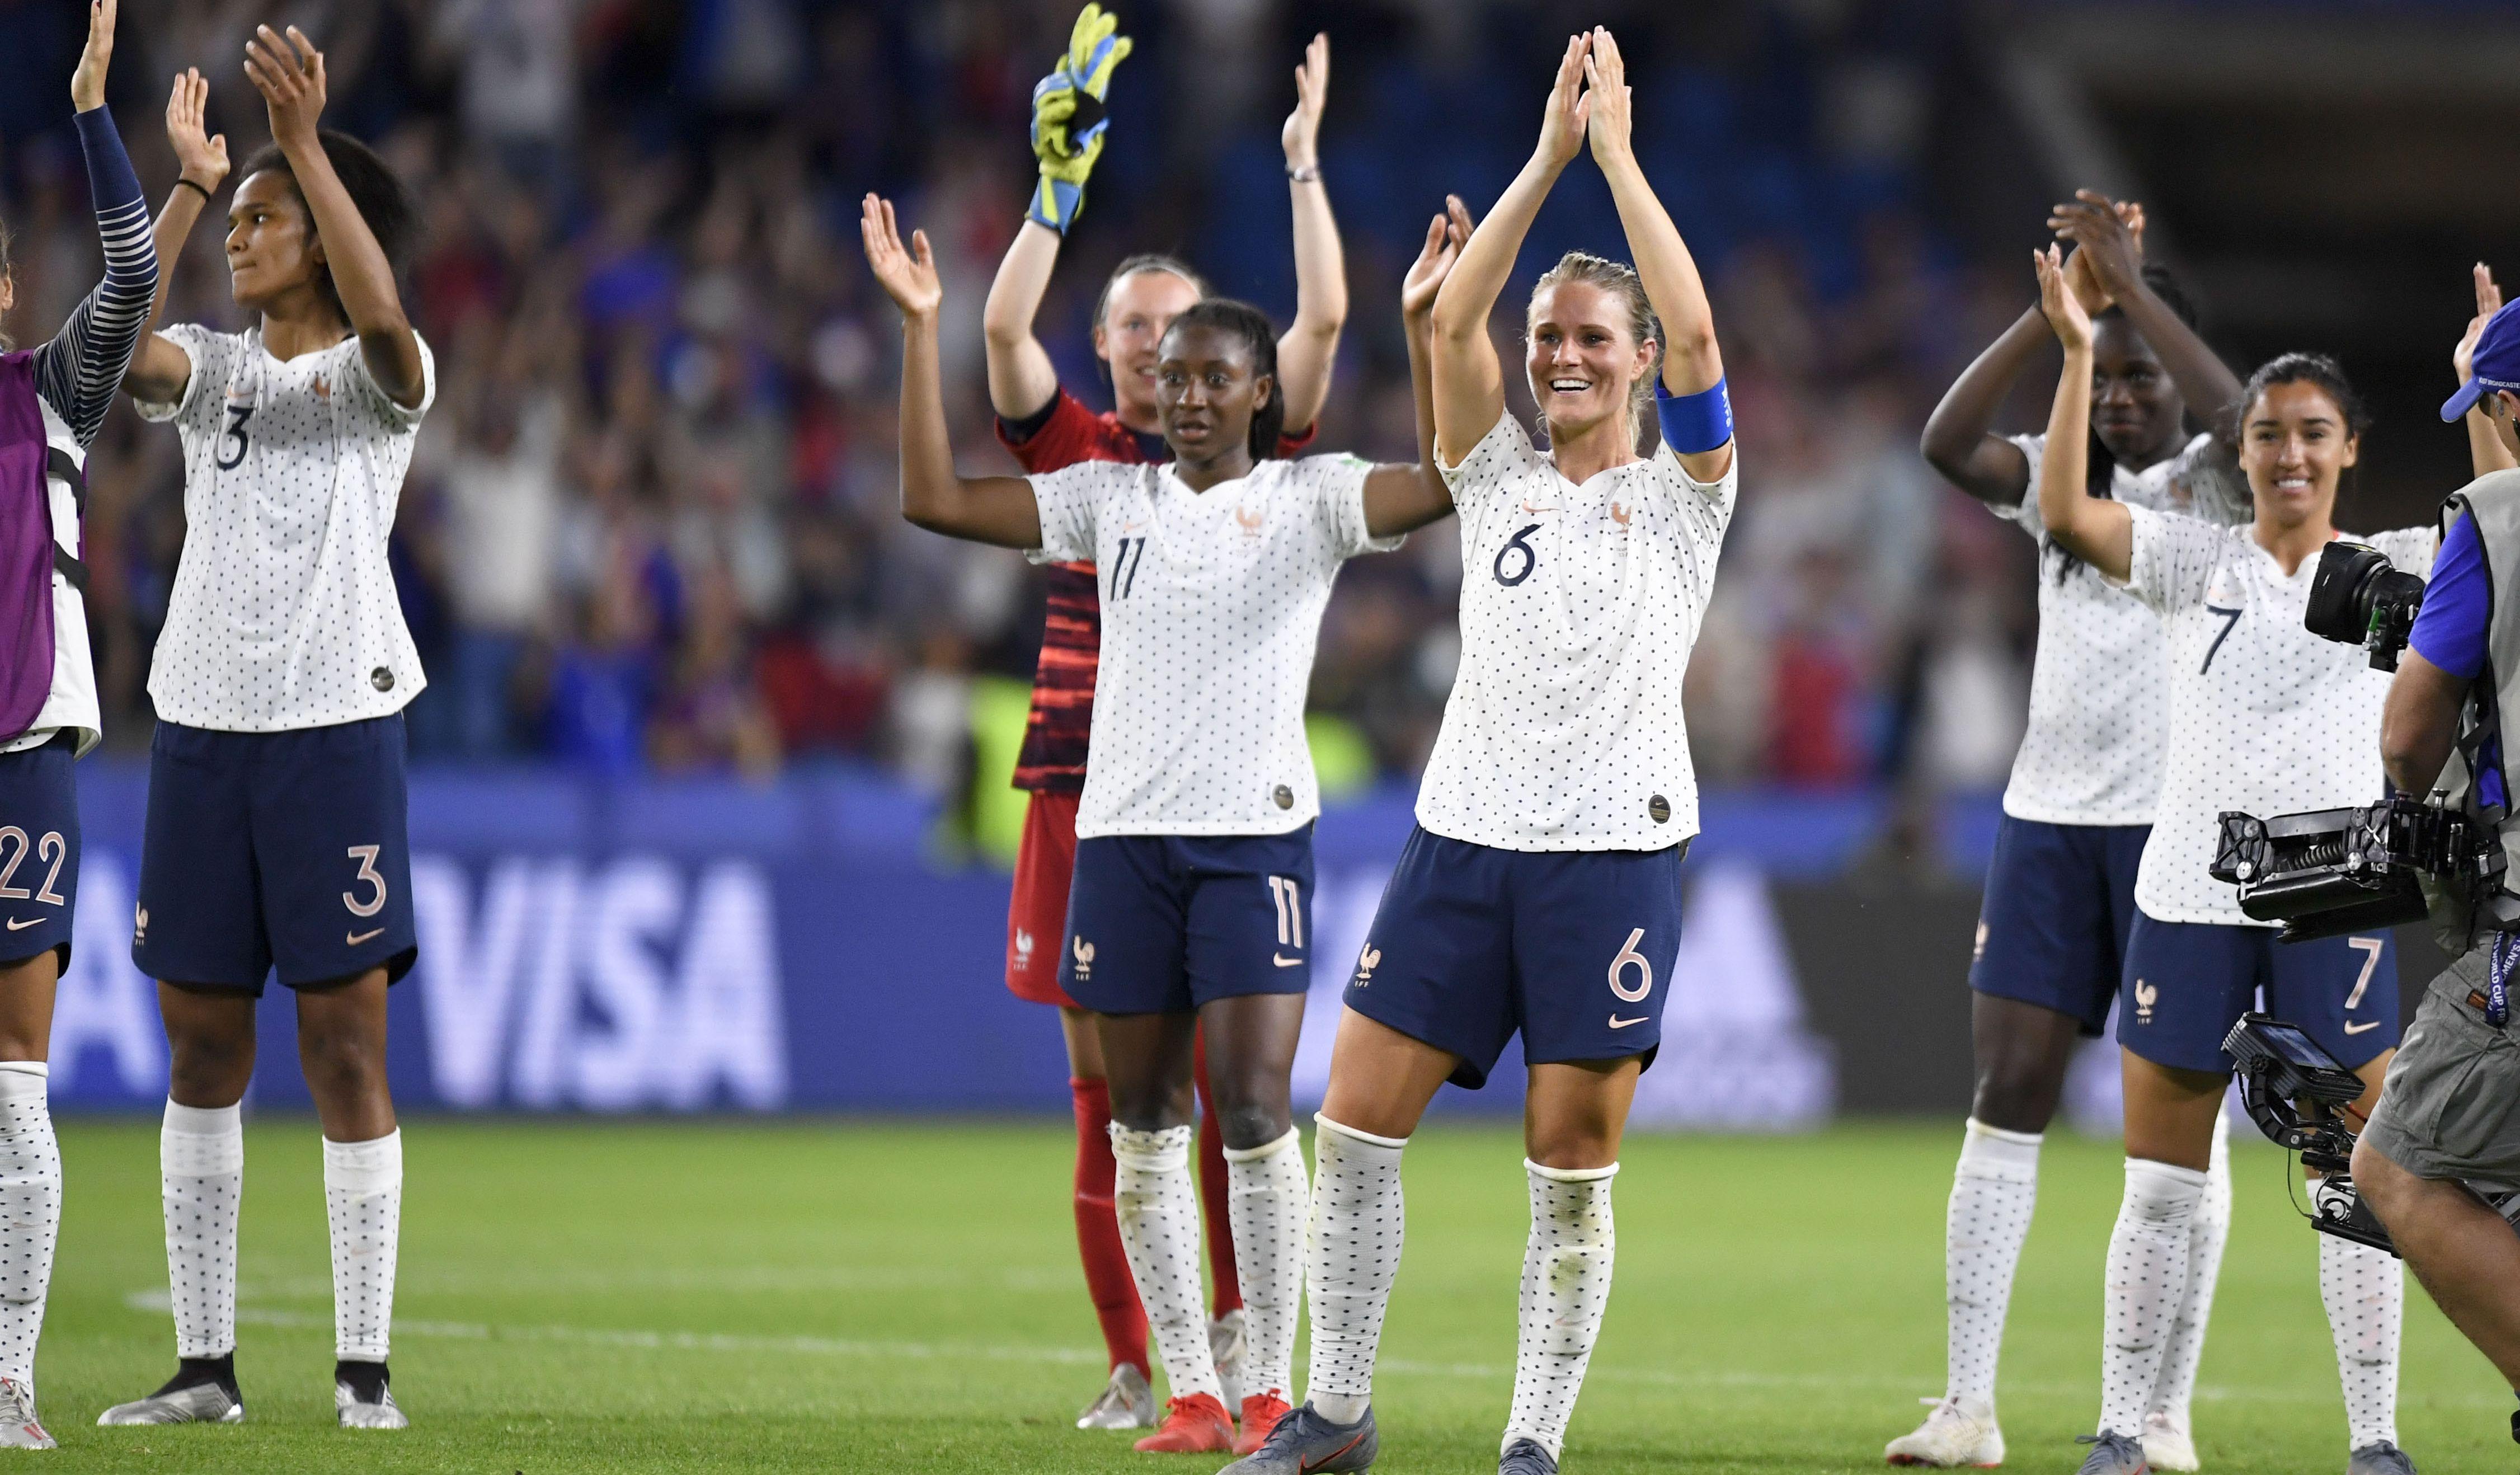 Football - Coupe du monde féminine - Coupe du monde féminine 2019 : Pour les Bleues, seule la victoire est belle